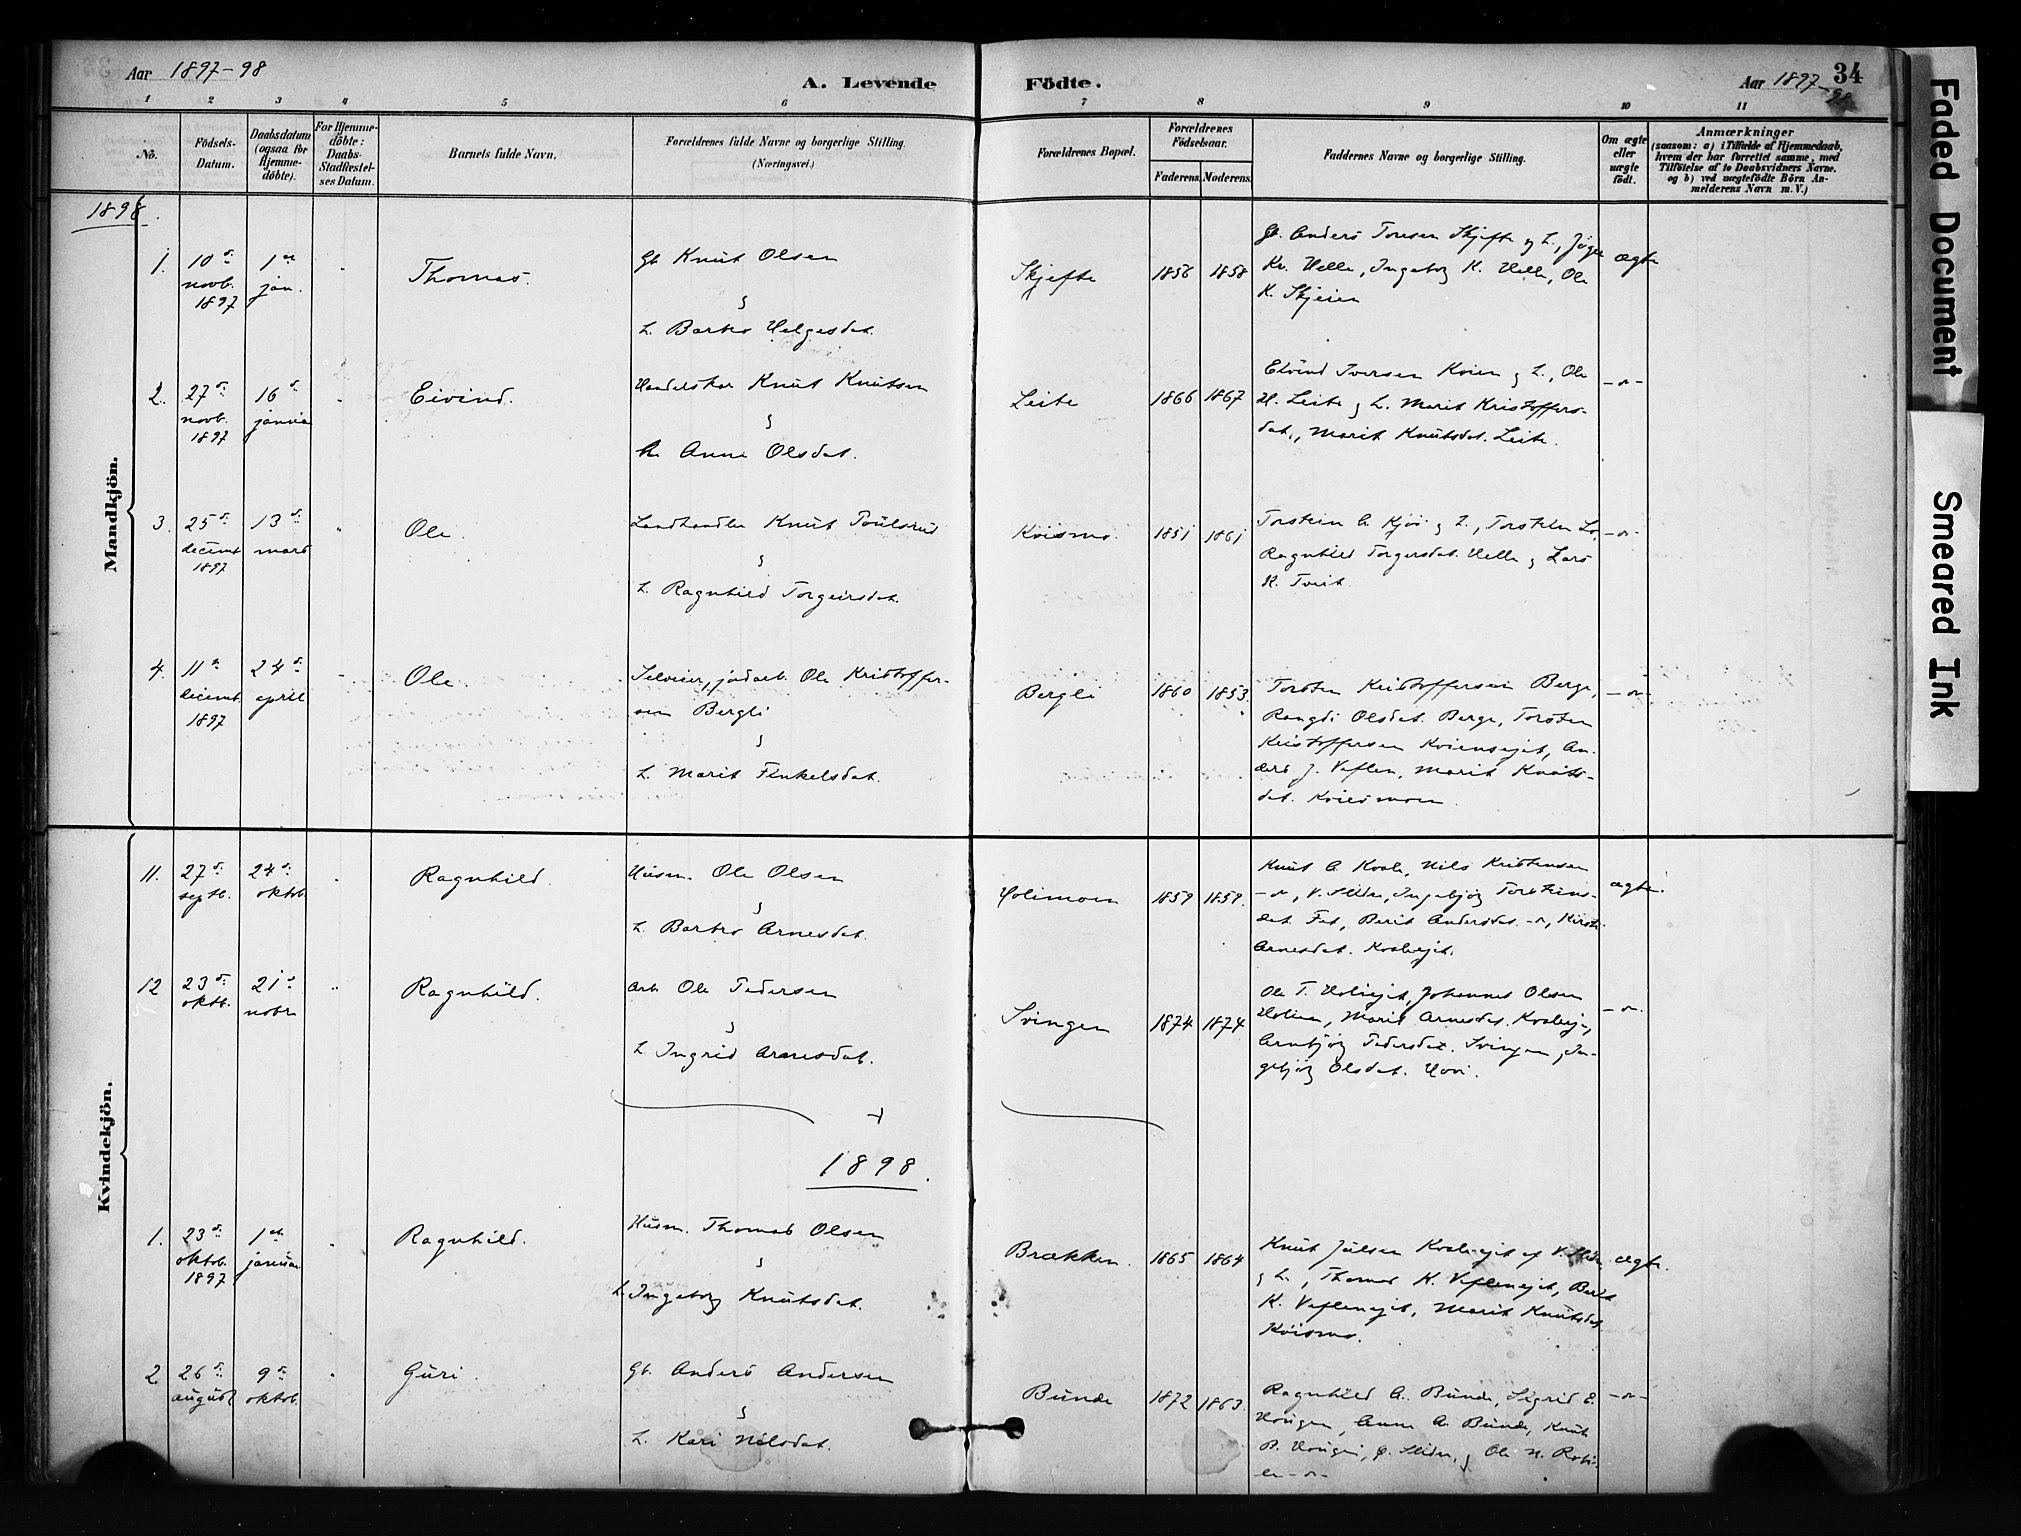 SAH, Vang prestekontor, Valdres, Ministerialbok nr. 9, 1882-1914, s. 34